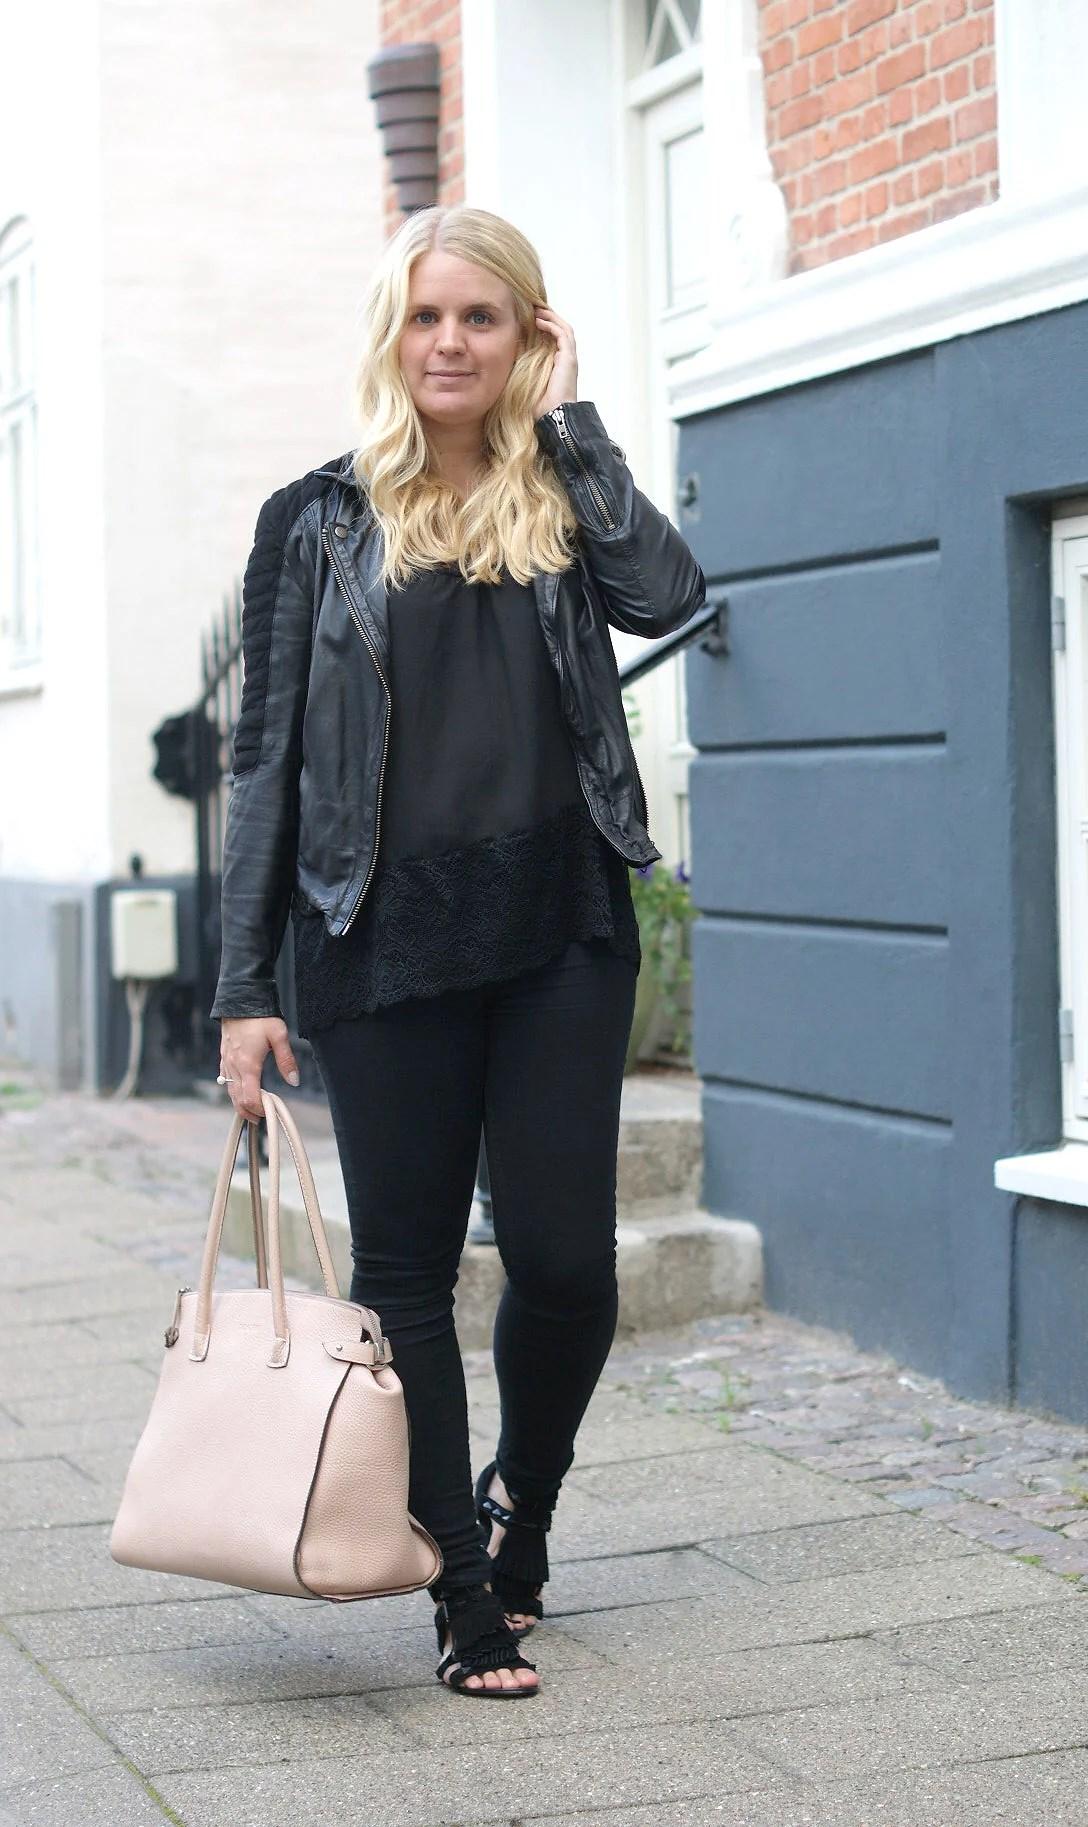 Danskmodeblogger-populærmodeblogger